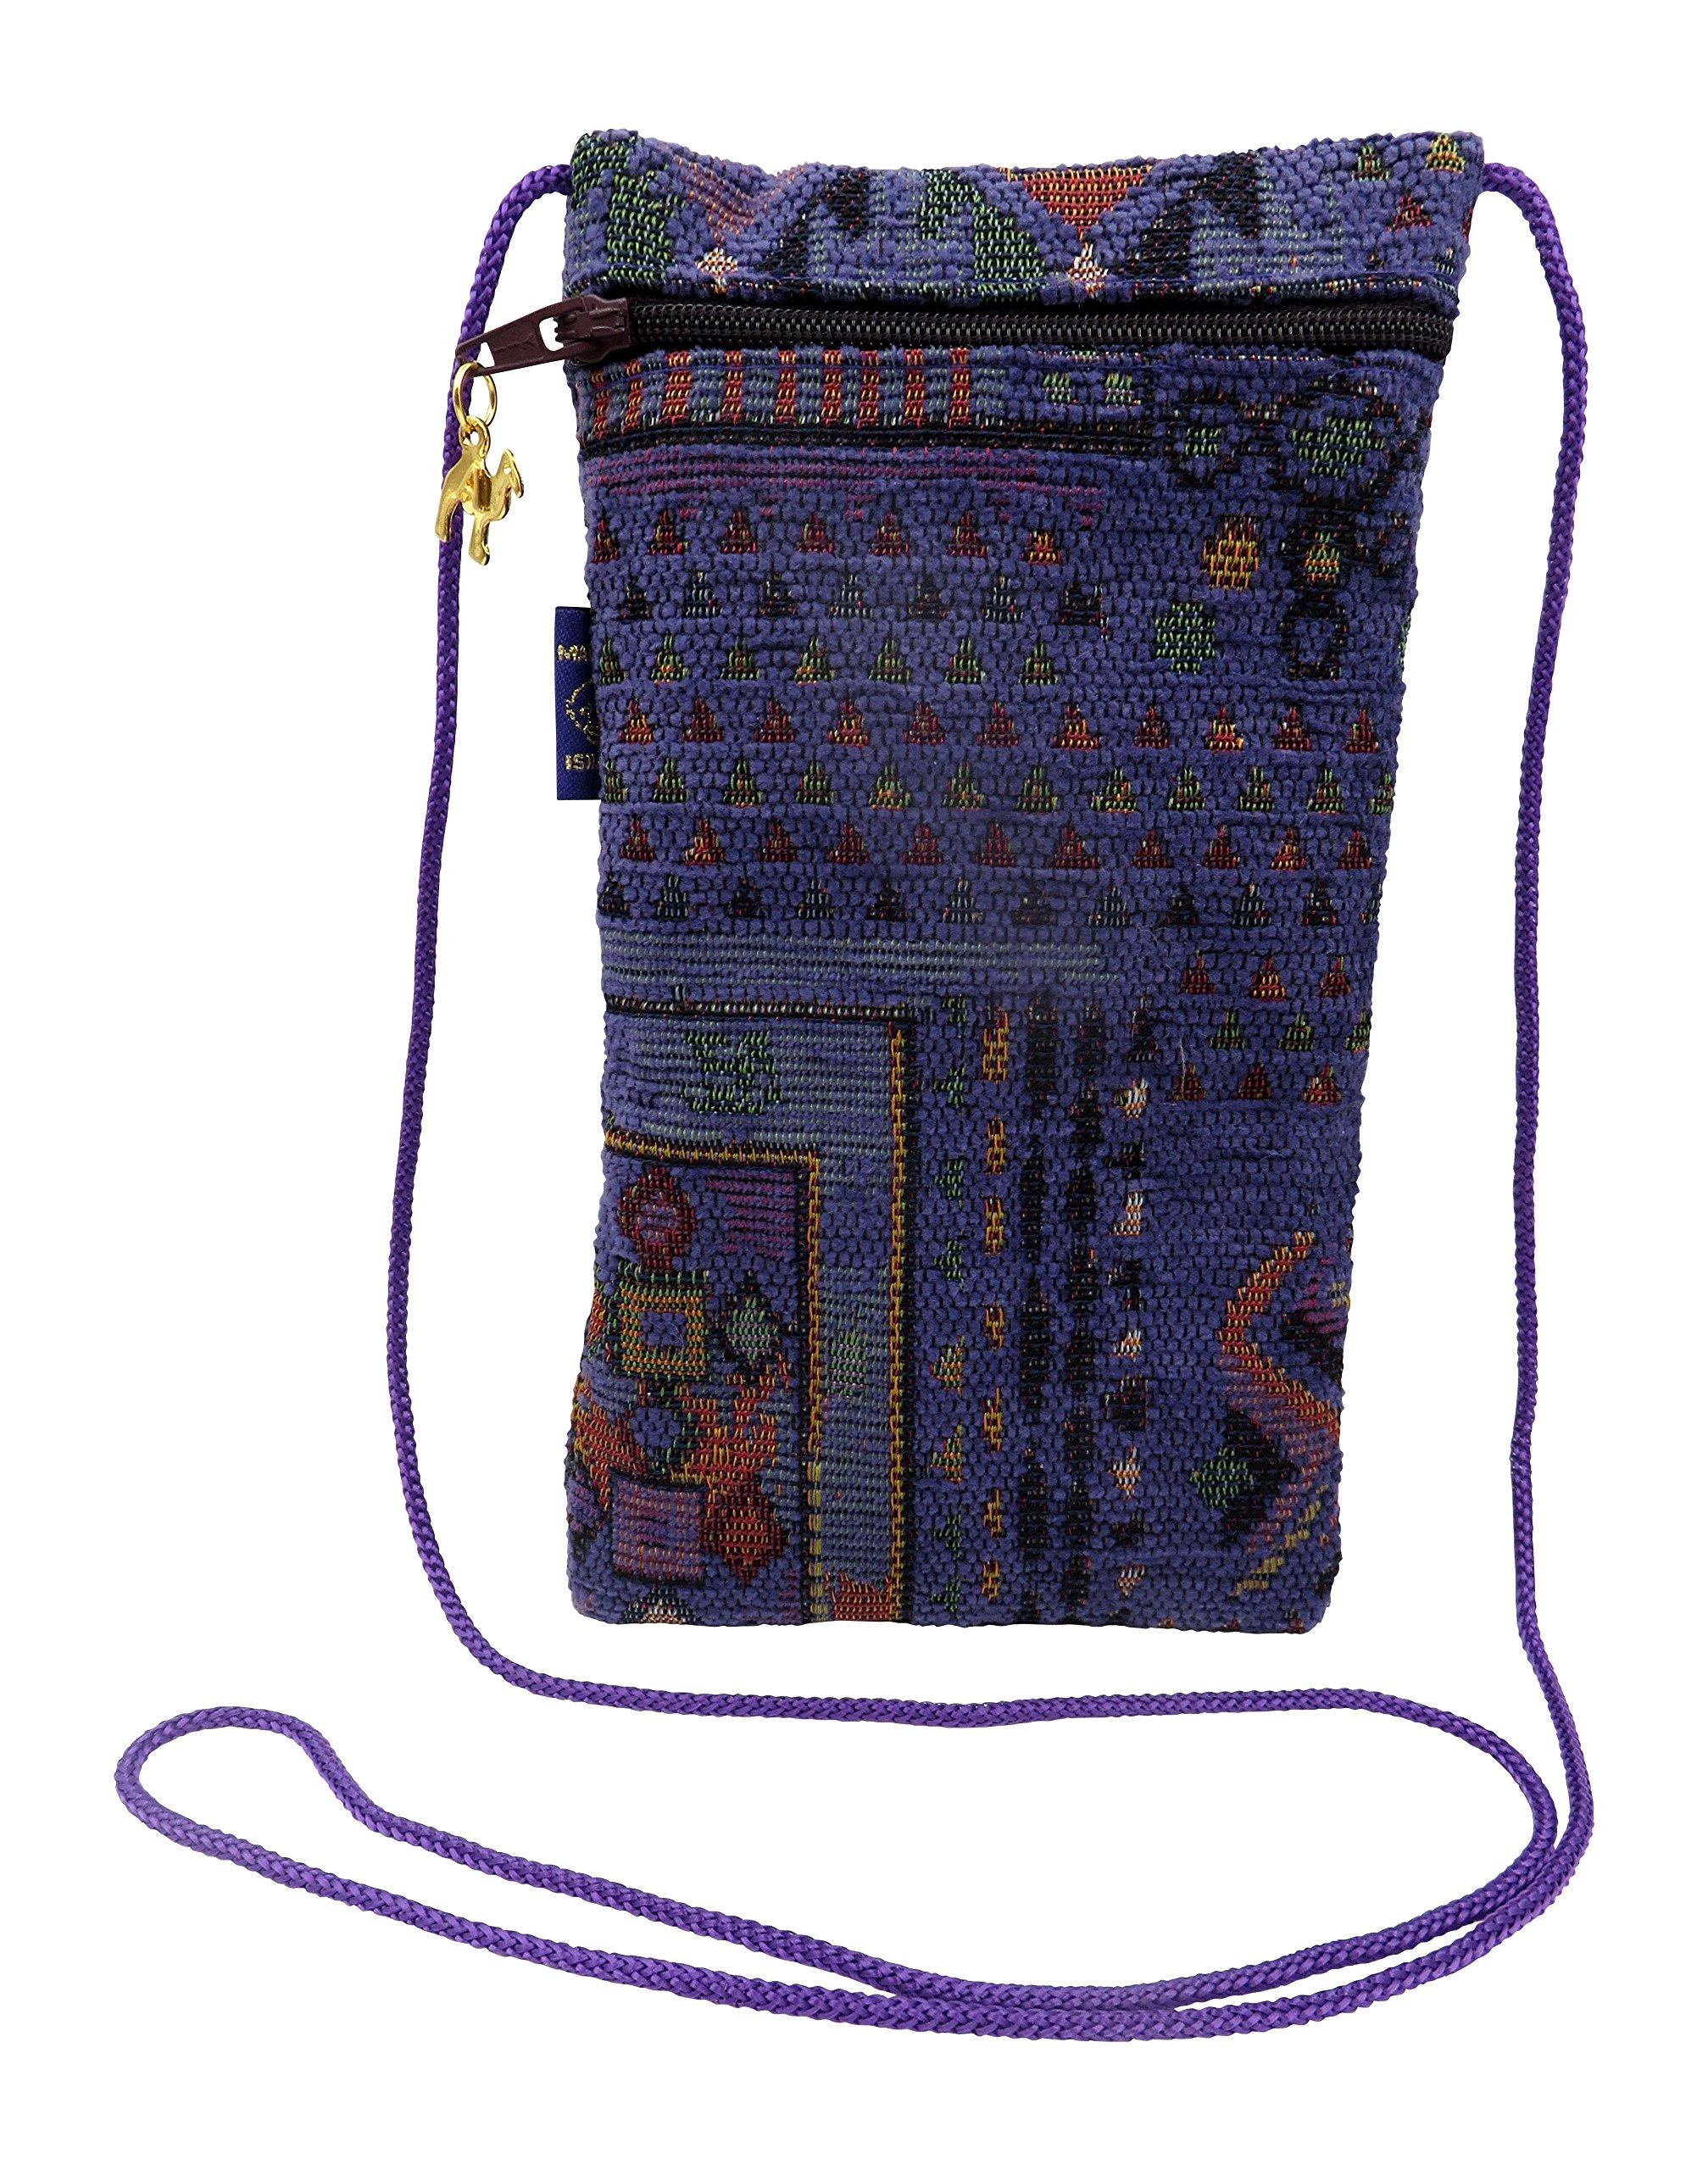 Mini Crossbody Bag Ethnic Sunglass Pouch & Eyeglass Pouch with zipper Cellphone Case Passport Holder Medium To Oversized Frames Woven Handmade (Purple)